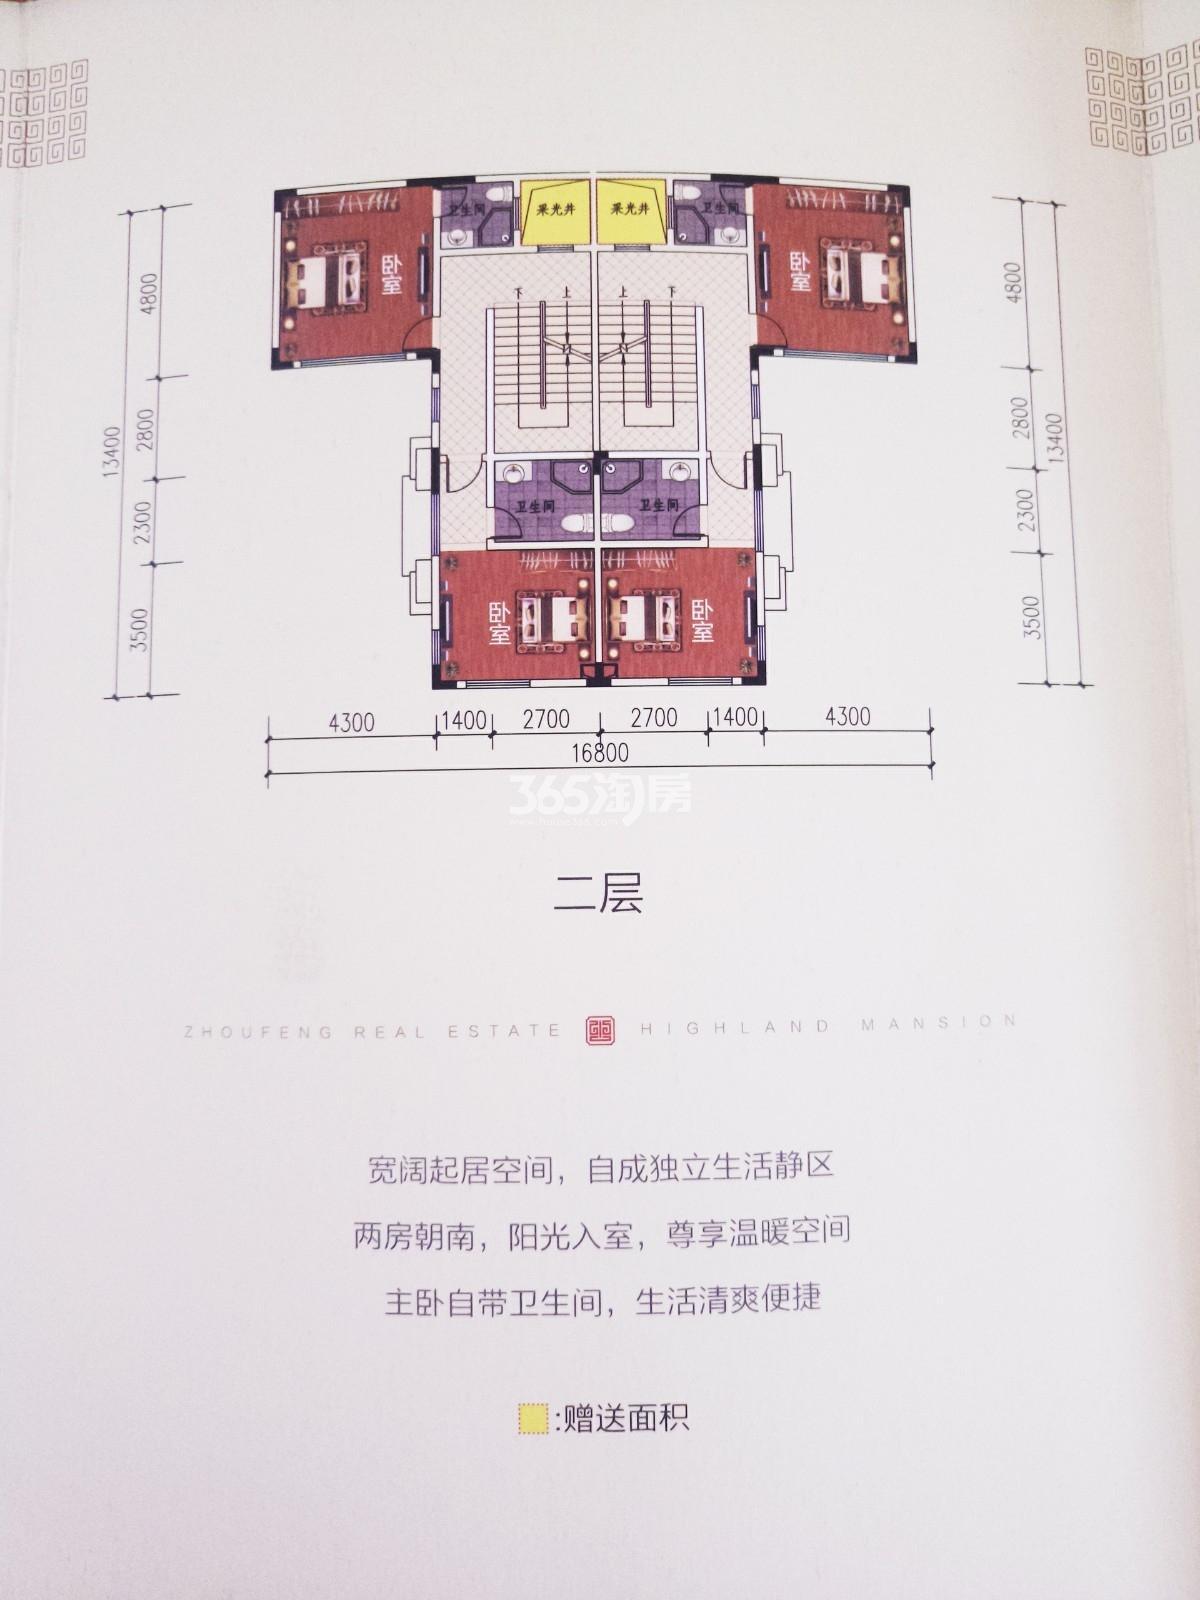 二层展示图